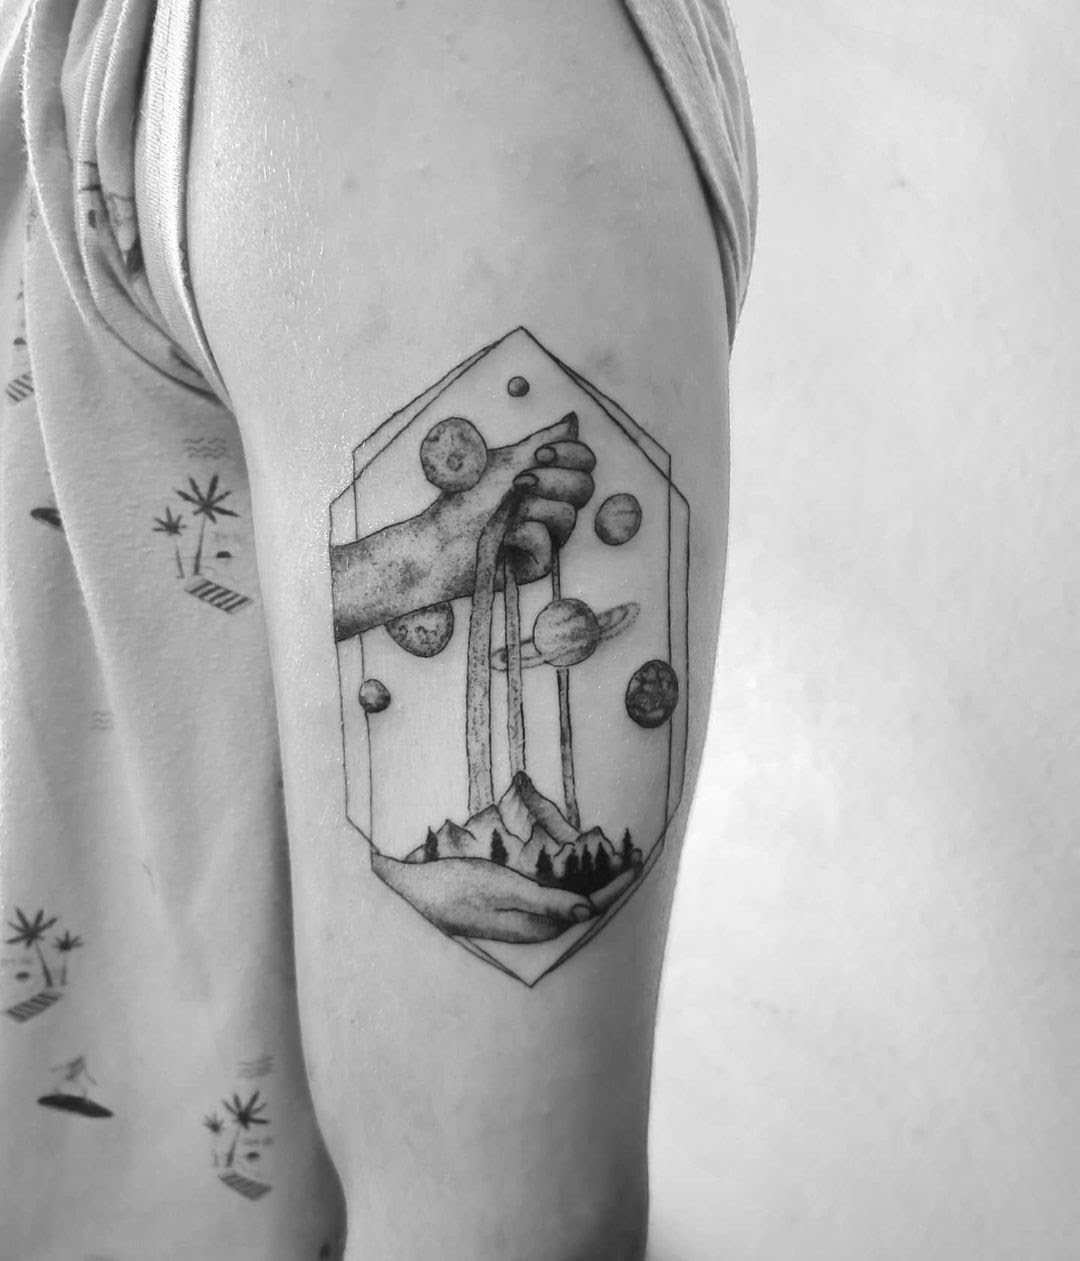 Tendances tatouages 2021 : Le tatouages astronomie